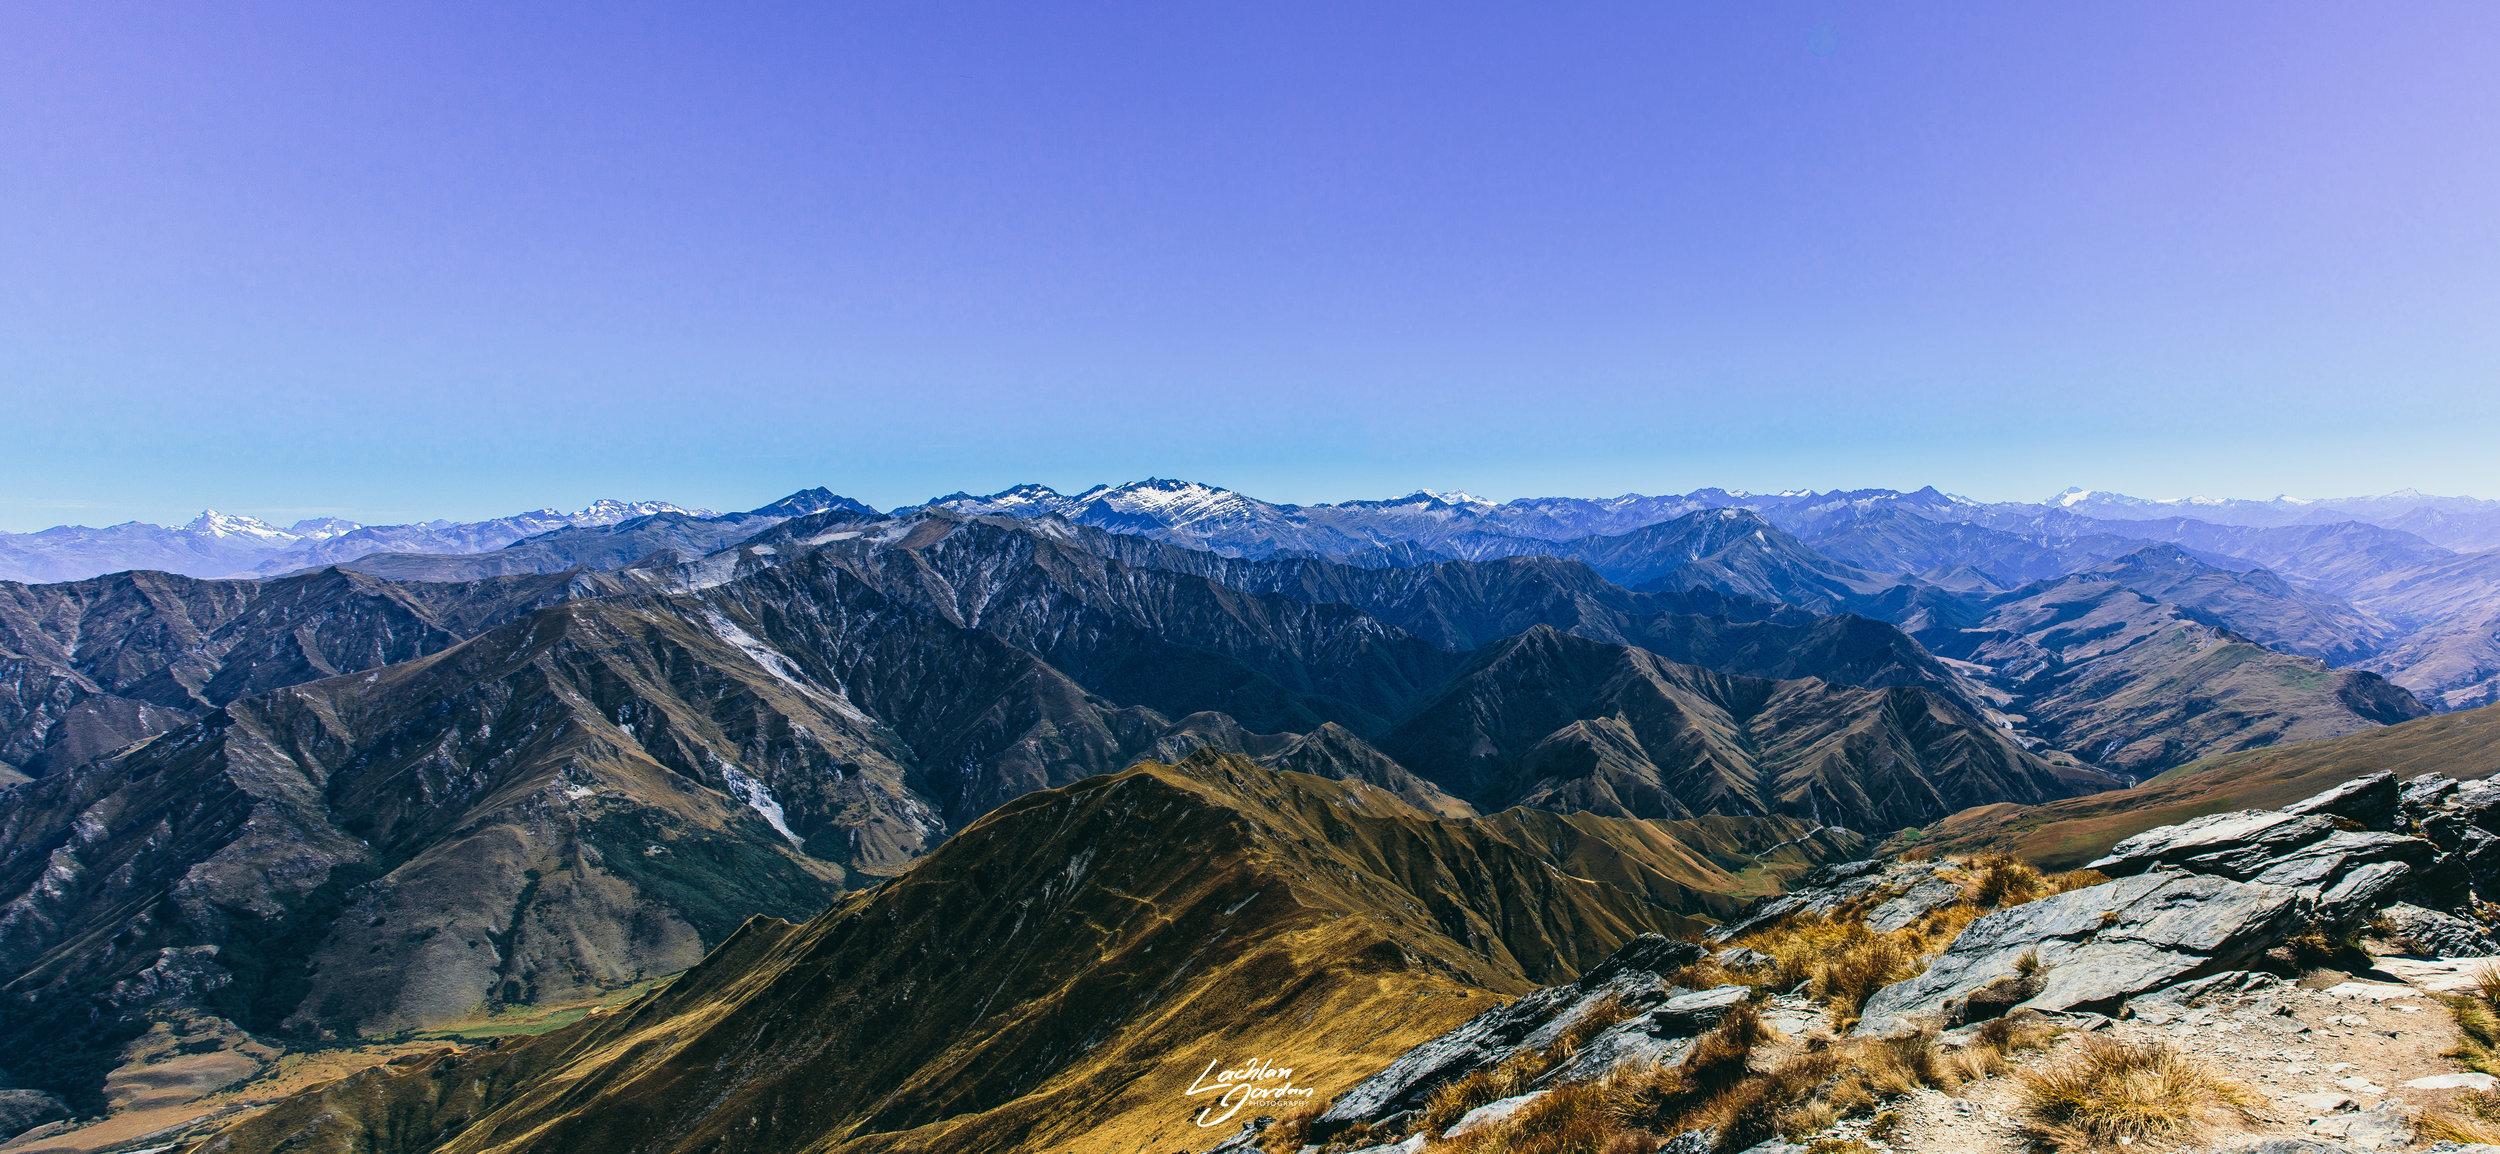 Ben-lomond-summit-pano.jpg